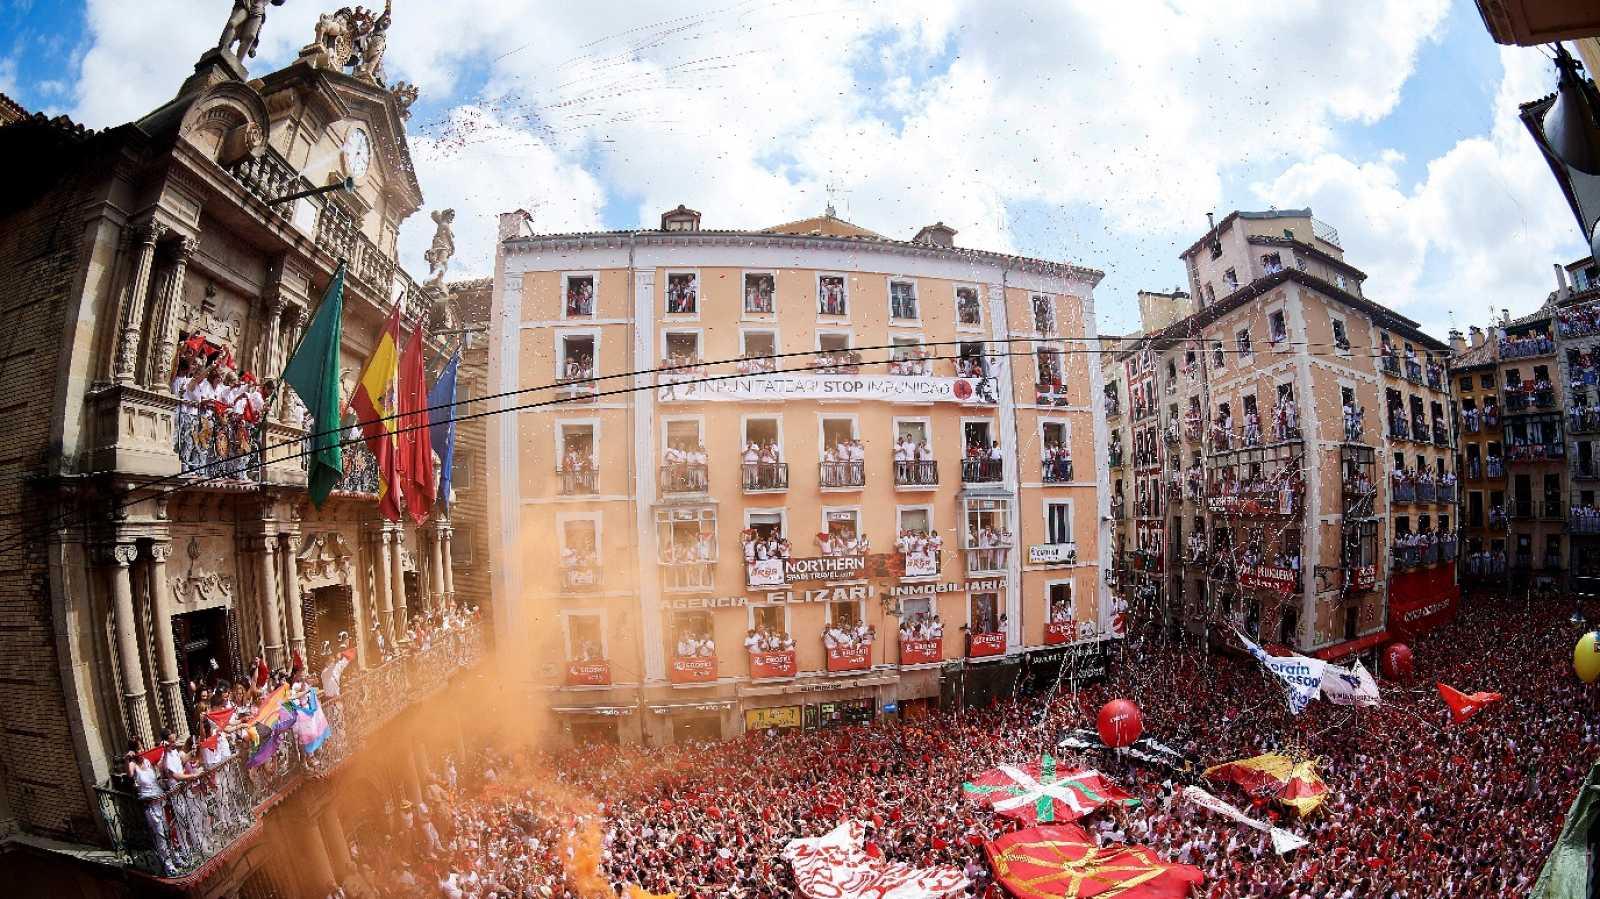 Alquilar una propiedad en España durante mucho tiempo